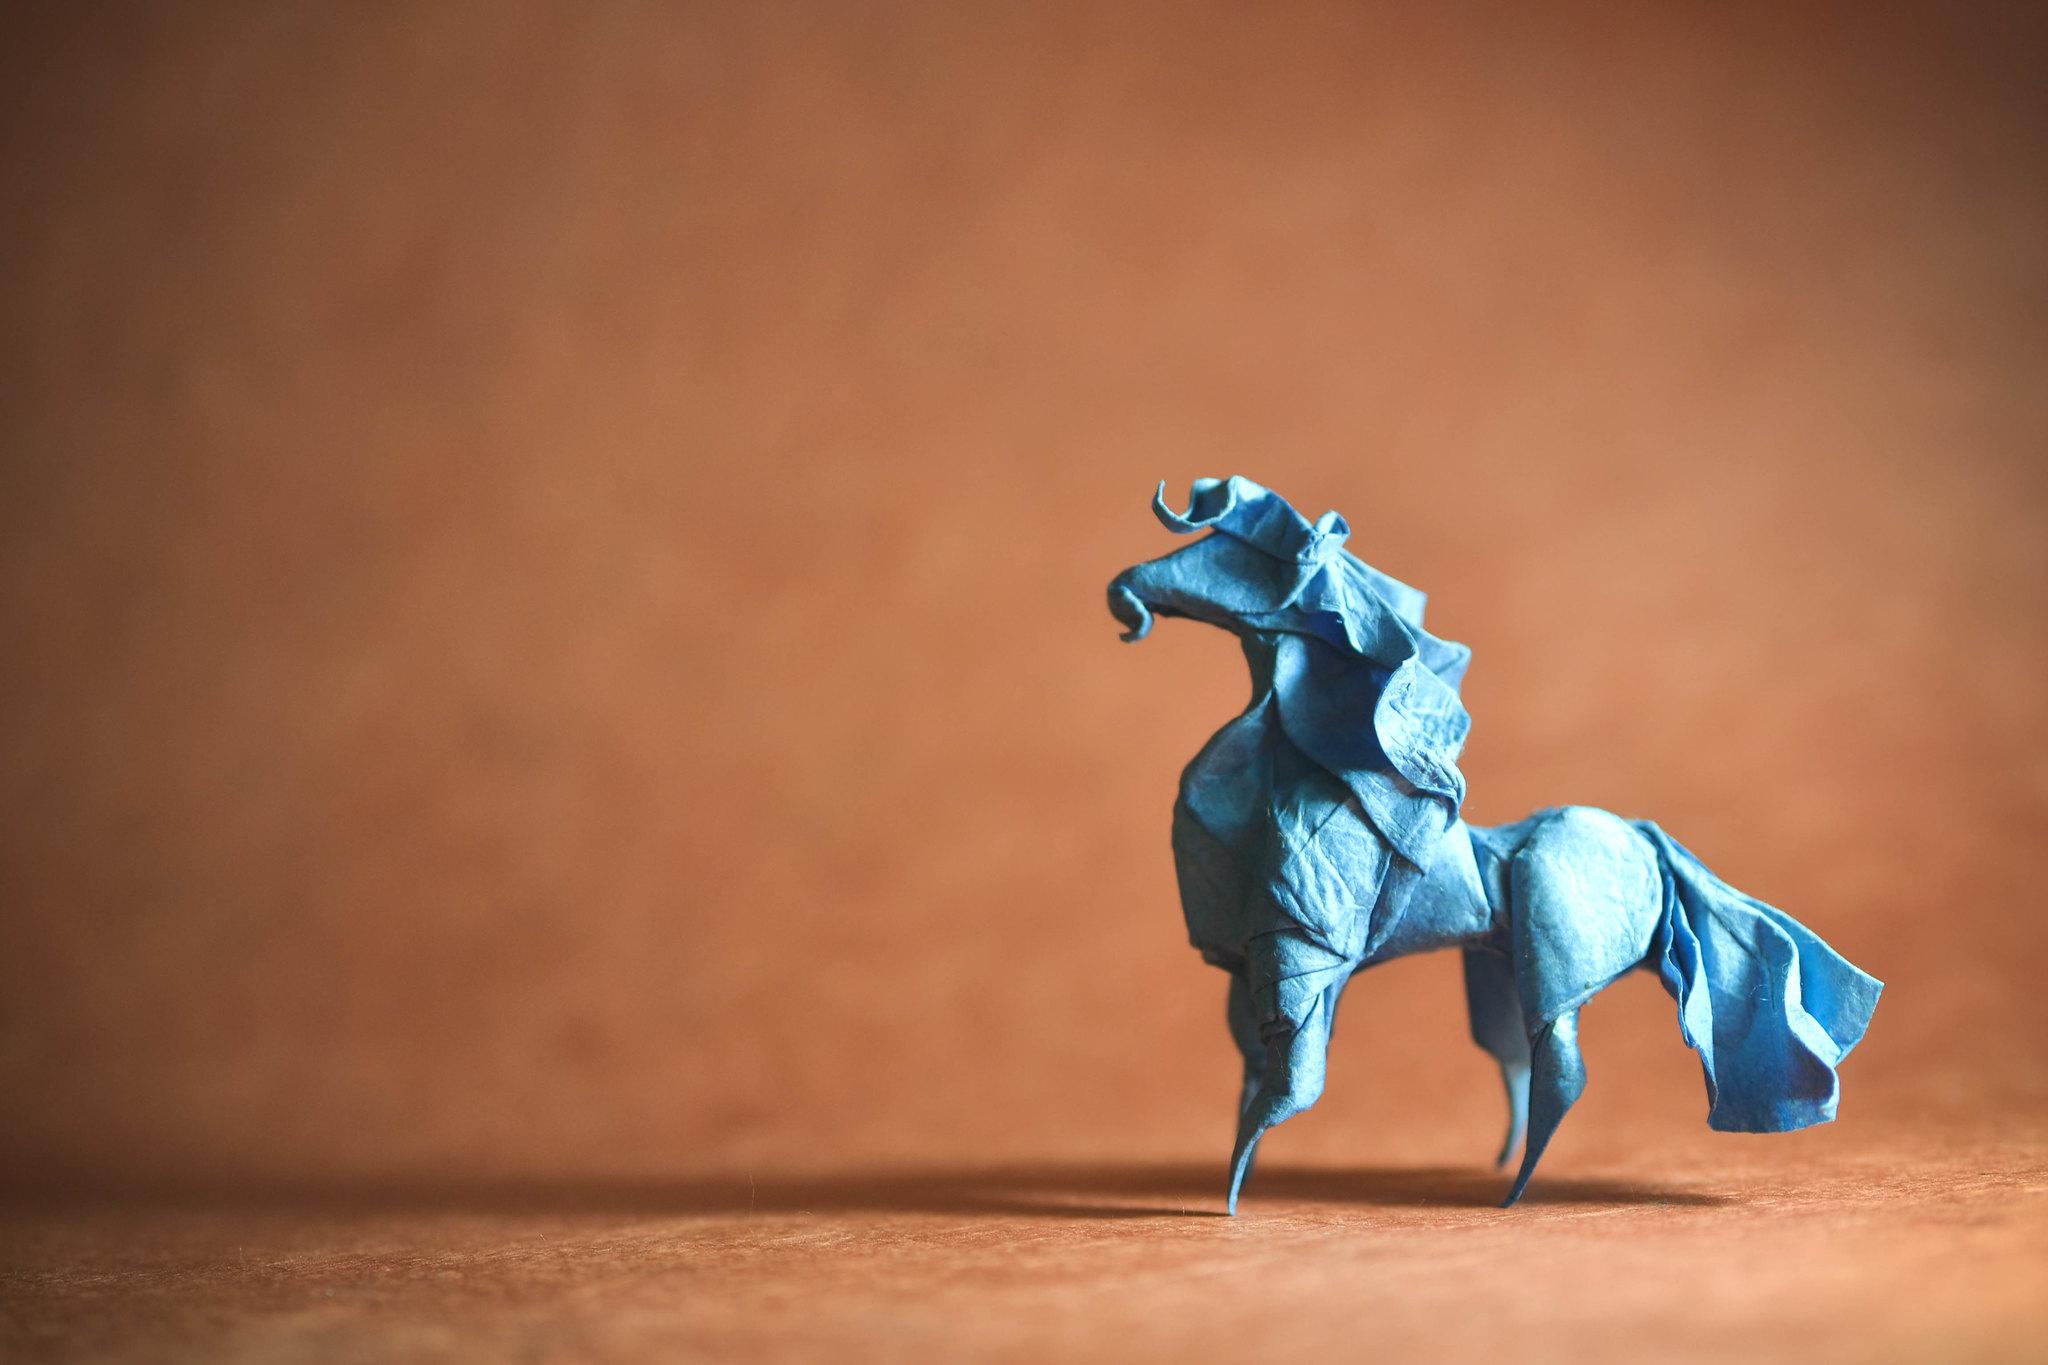 Origami Horse - Hoang Tien Quyet